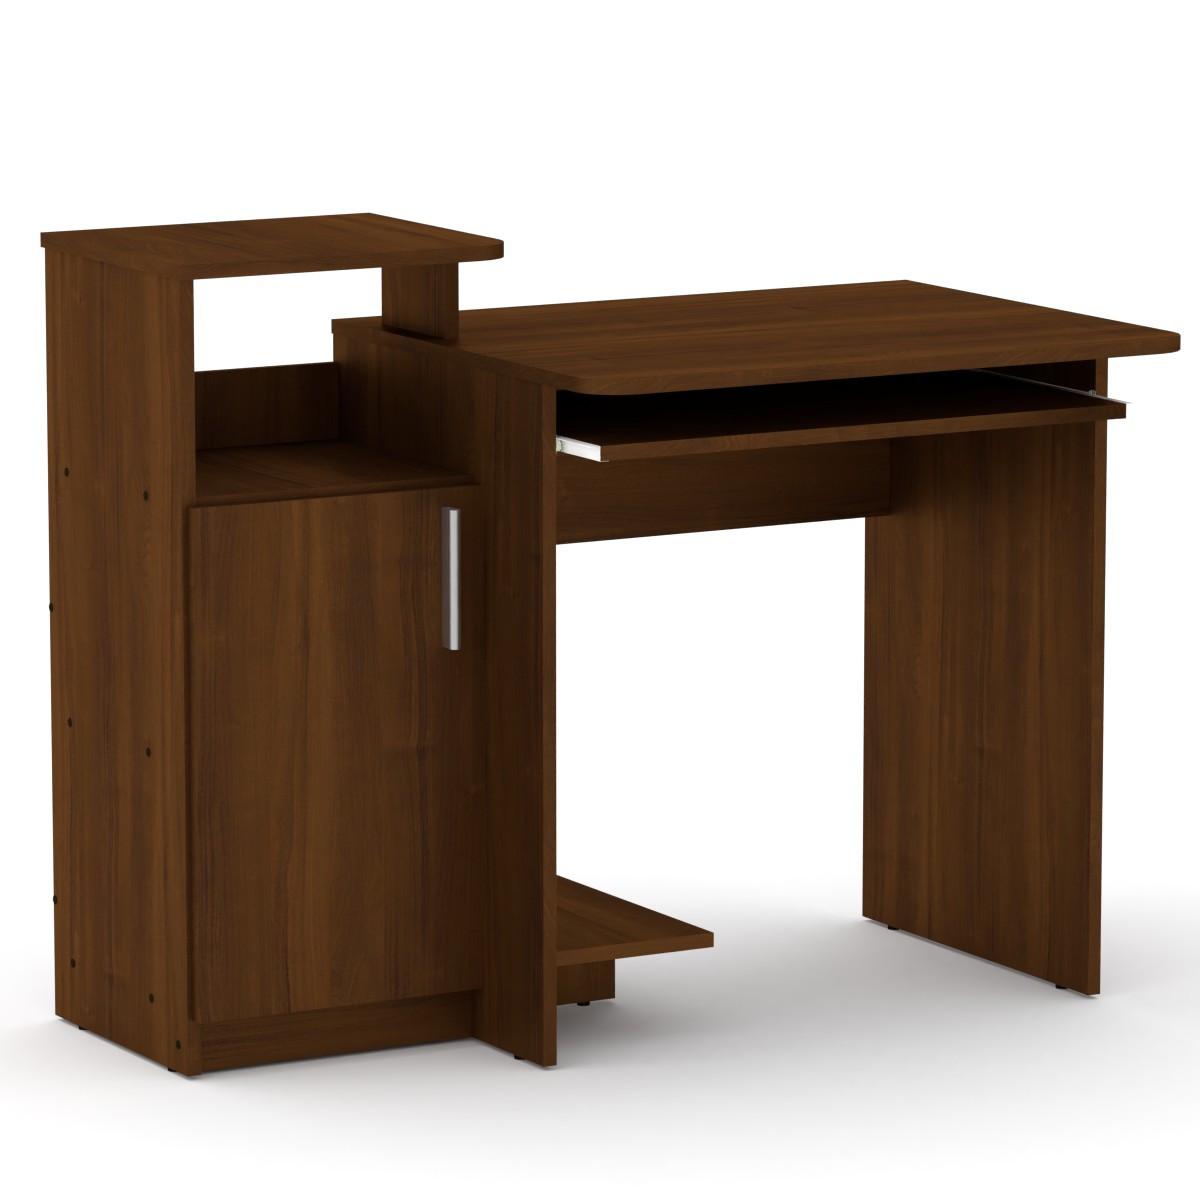 Стол компьютерный СКМ-2 орех экко Компанит